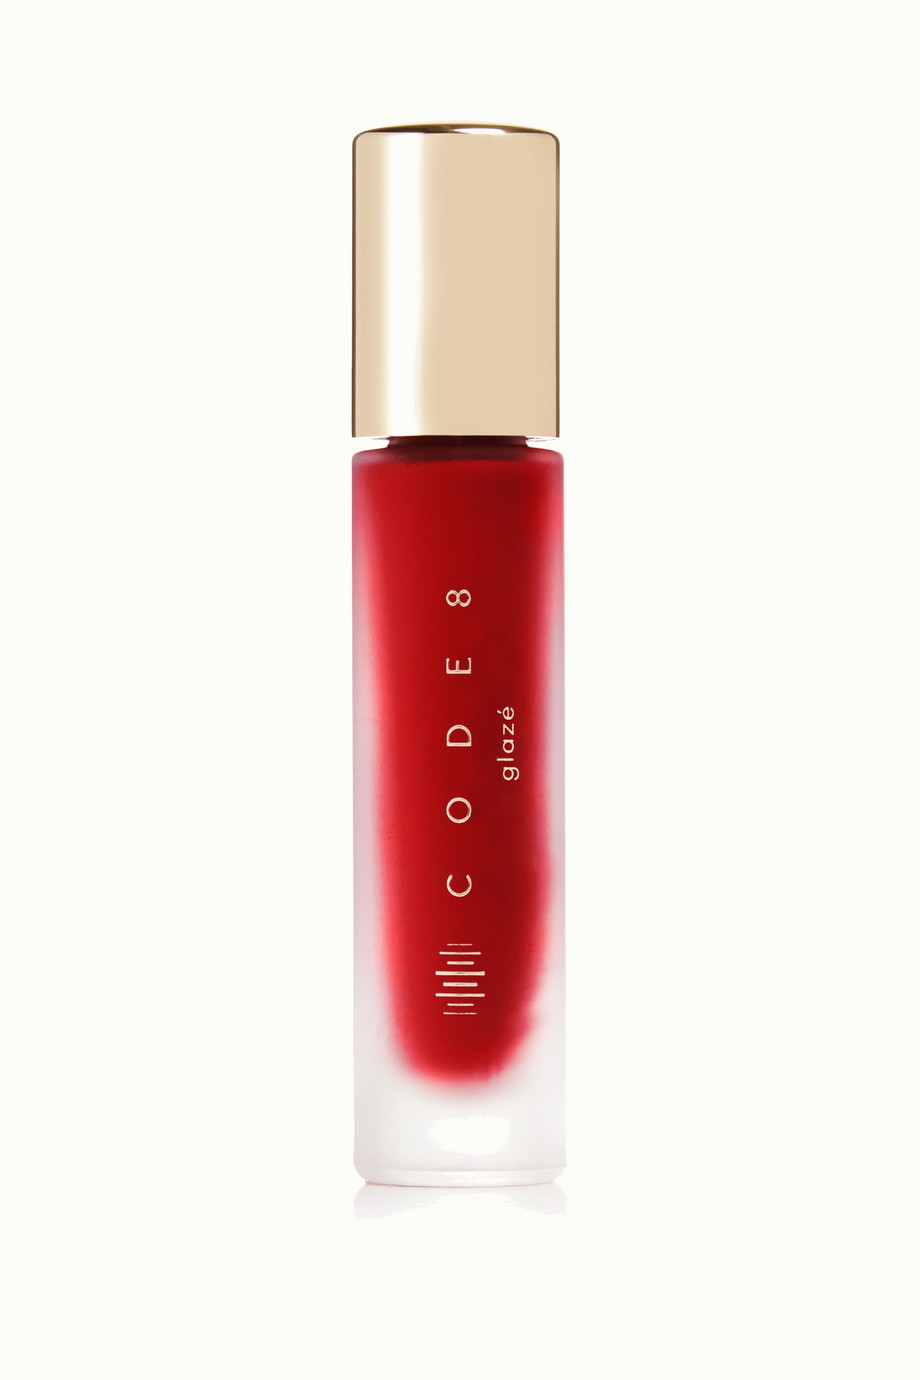 Code8 Glazé Lip Lacquer - Gala